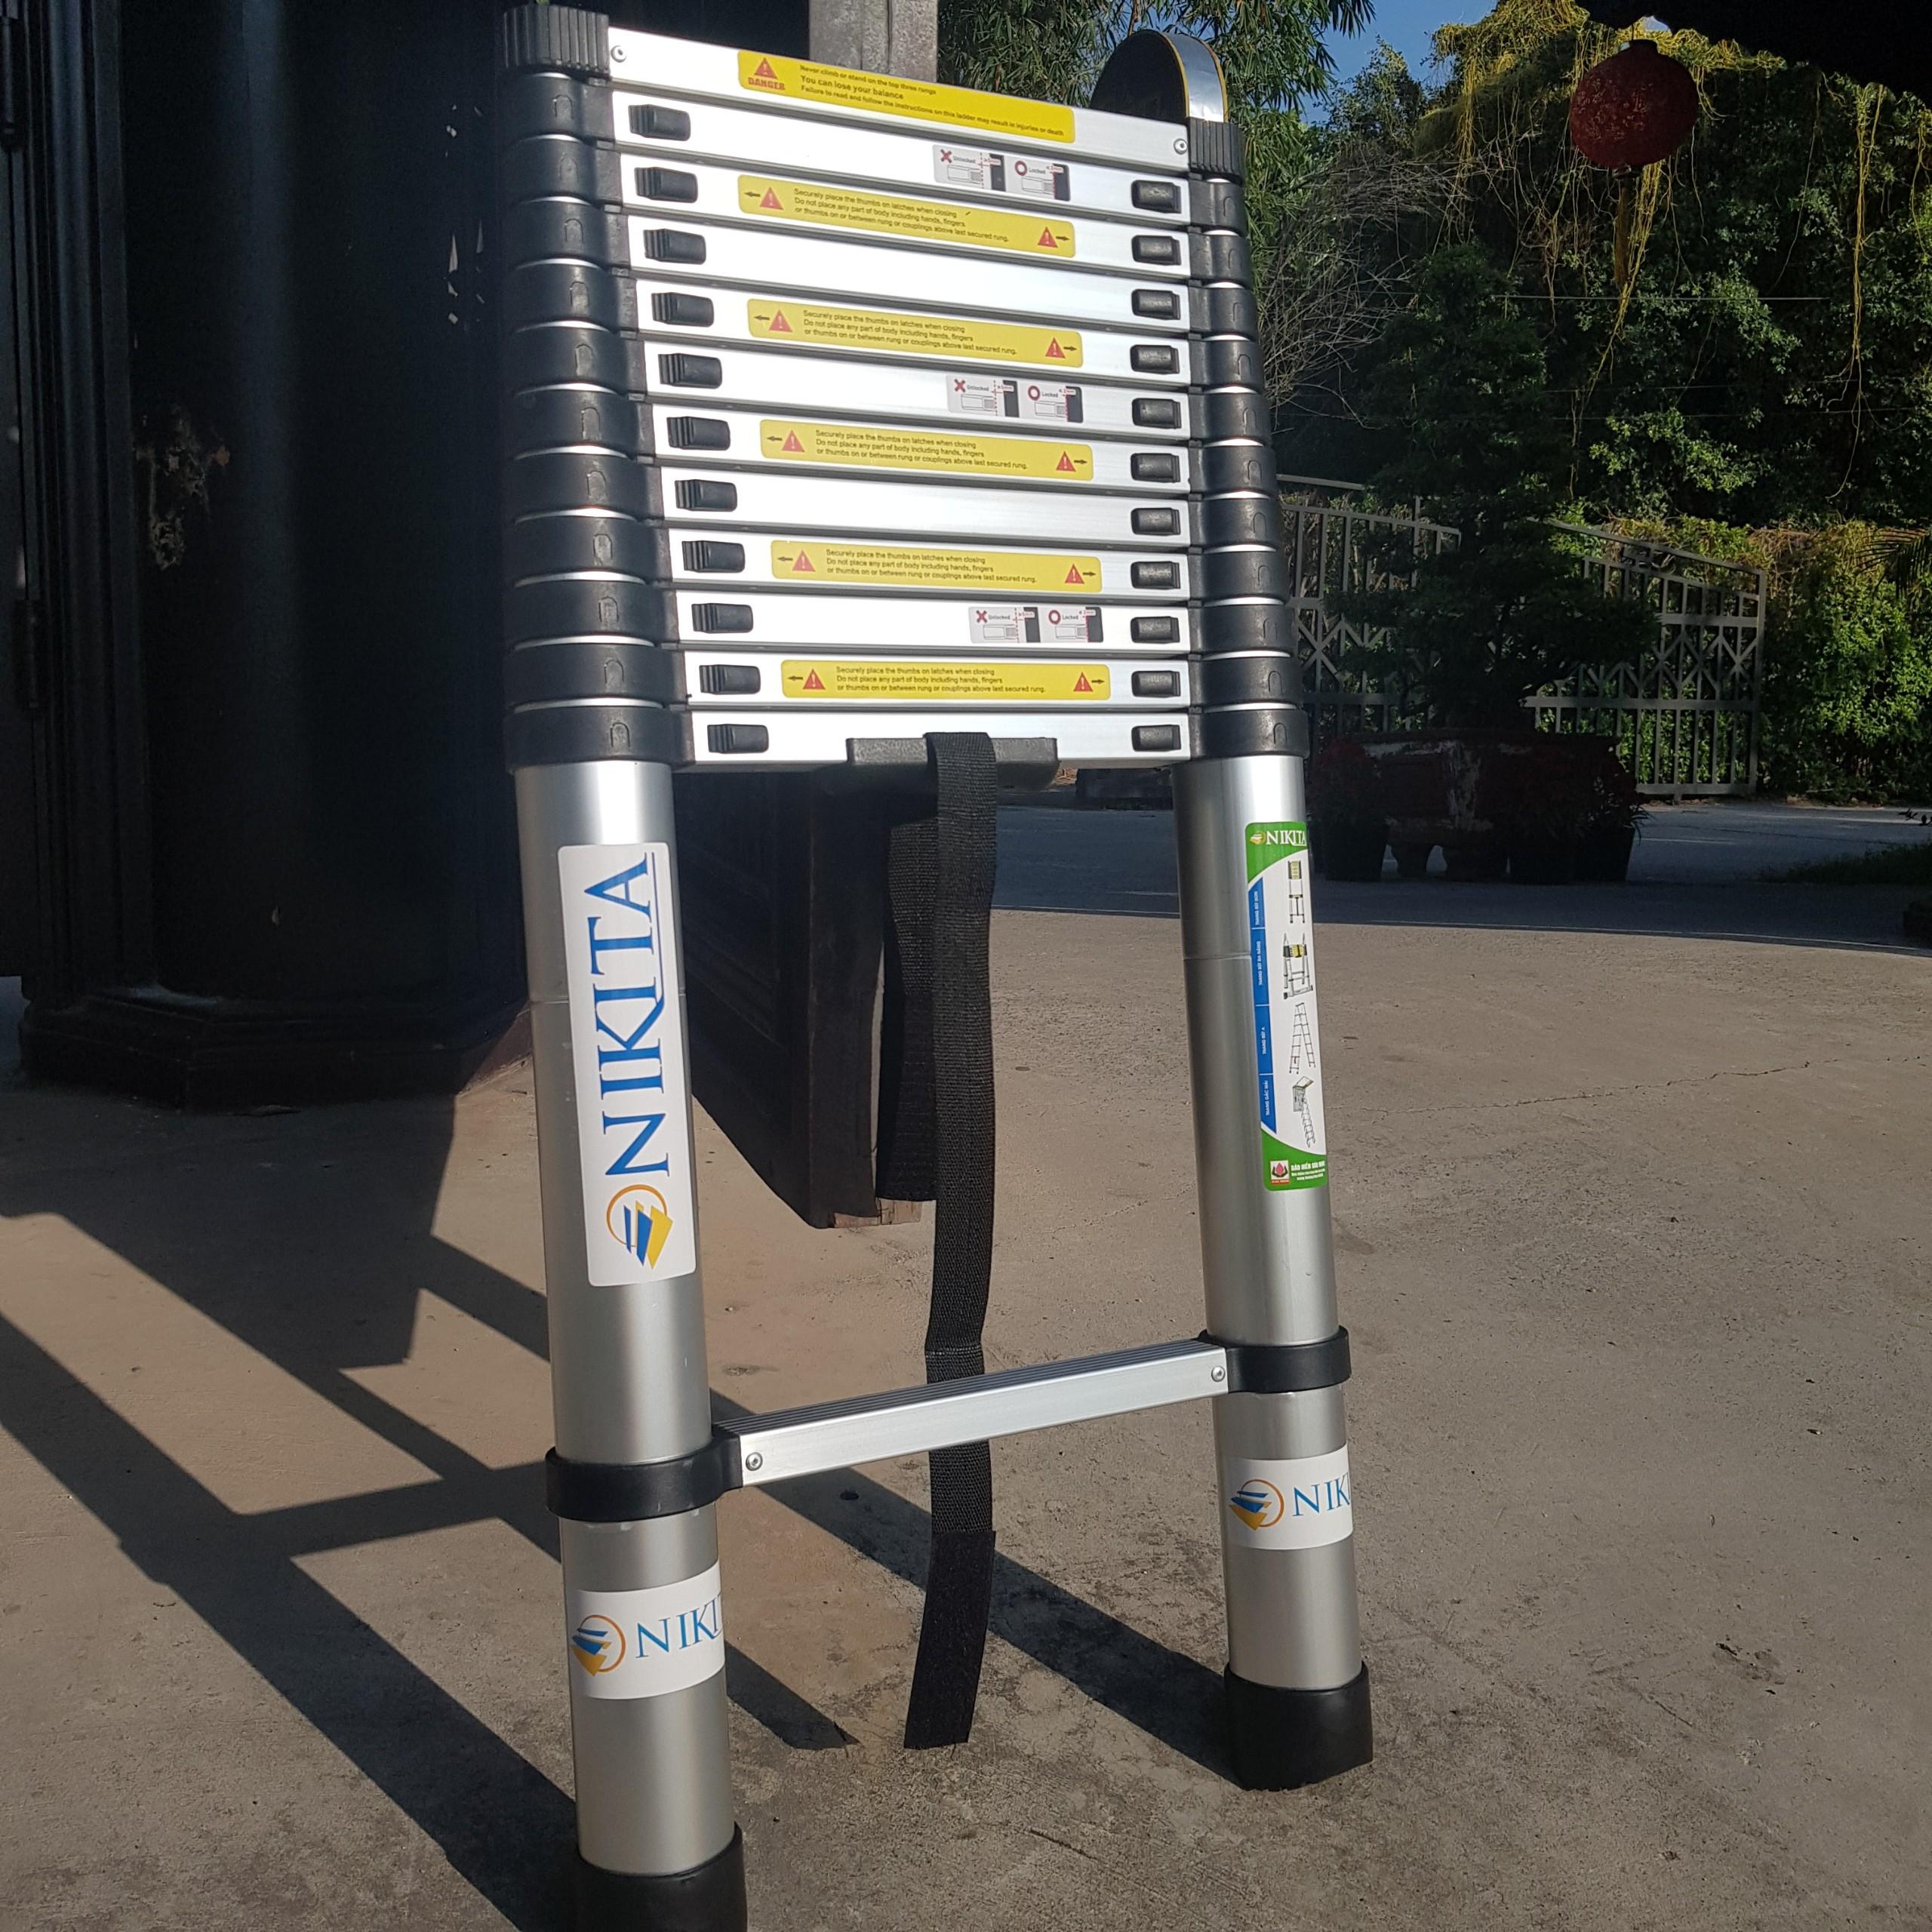 Thang nhôm rút 2 mét 6 [NIKITA] - Tiêu chuẩn Châu Âu chính hãng - R26